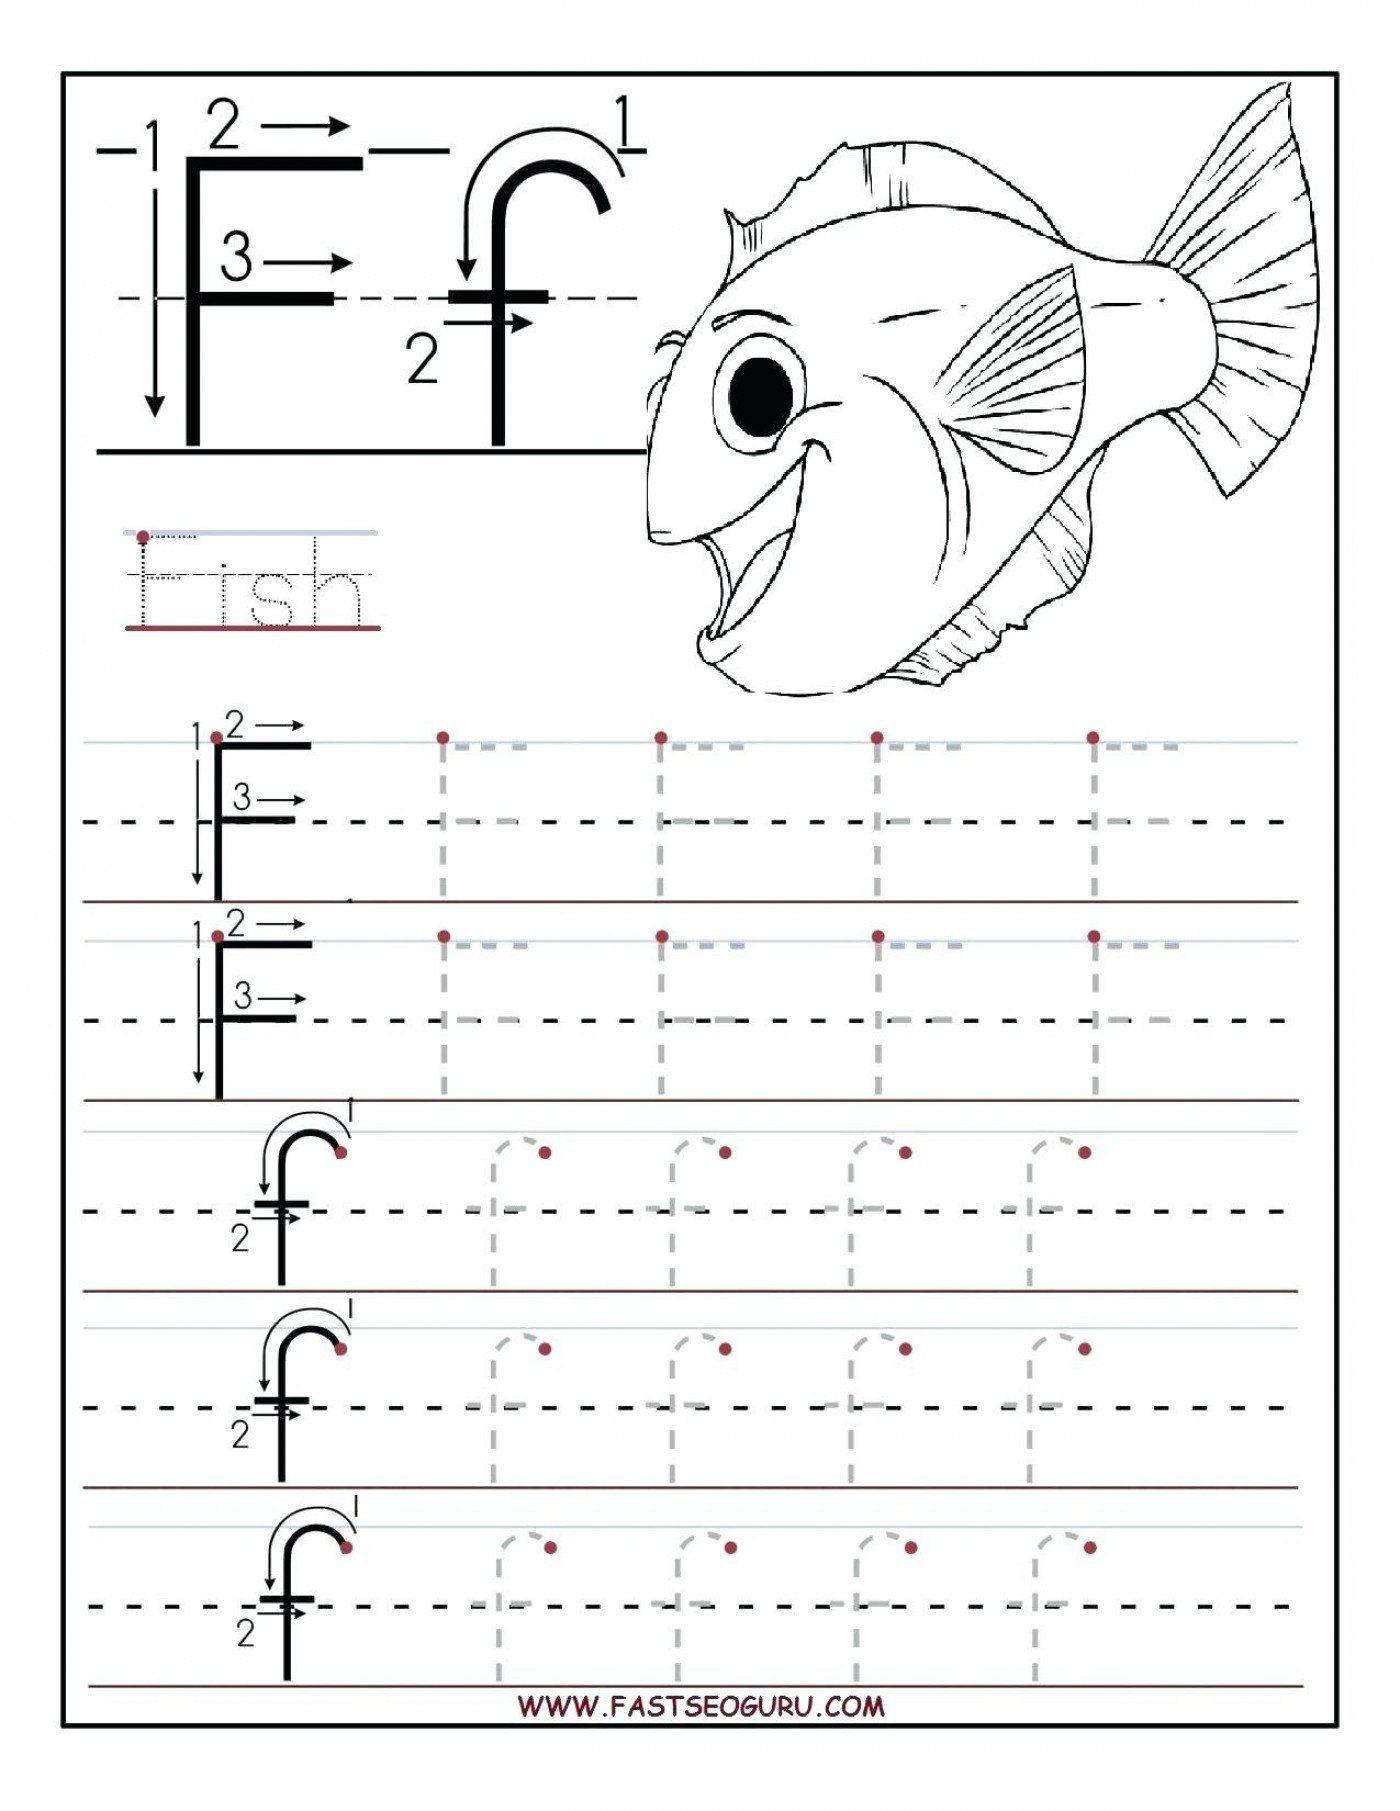 Traceable Worksheets For Kids Alphabet Worksheet